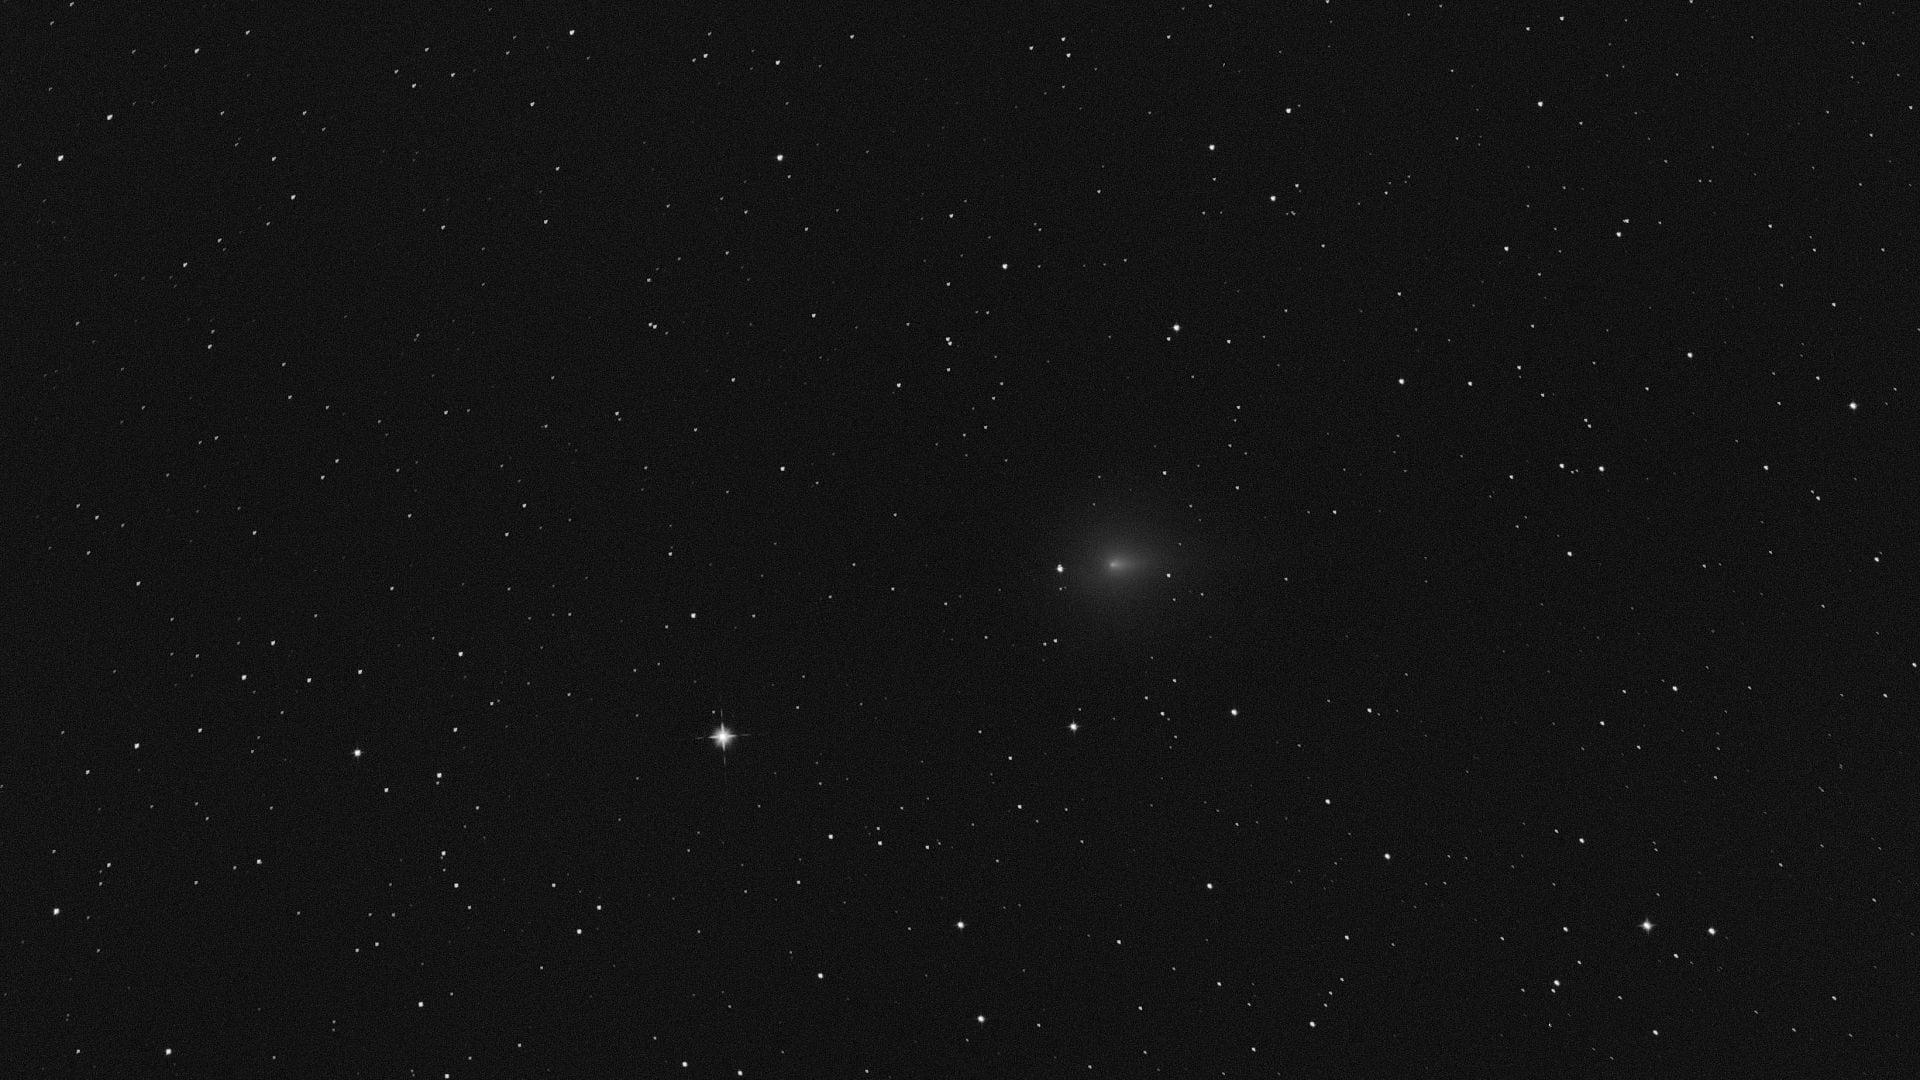 C/2019 Y4 (ATLAS) am 4. April 2020 früh